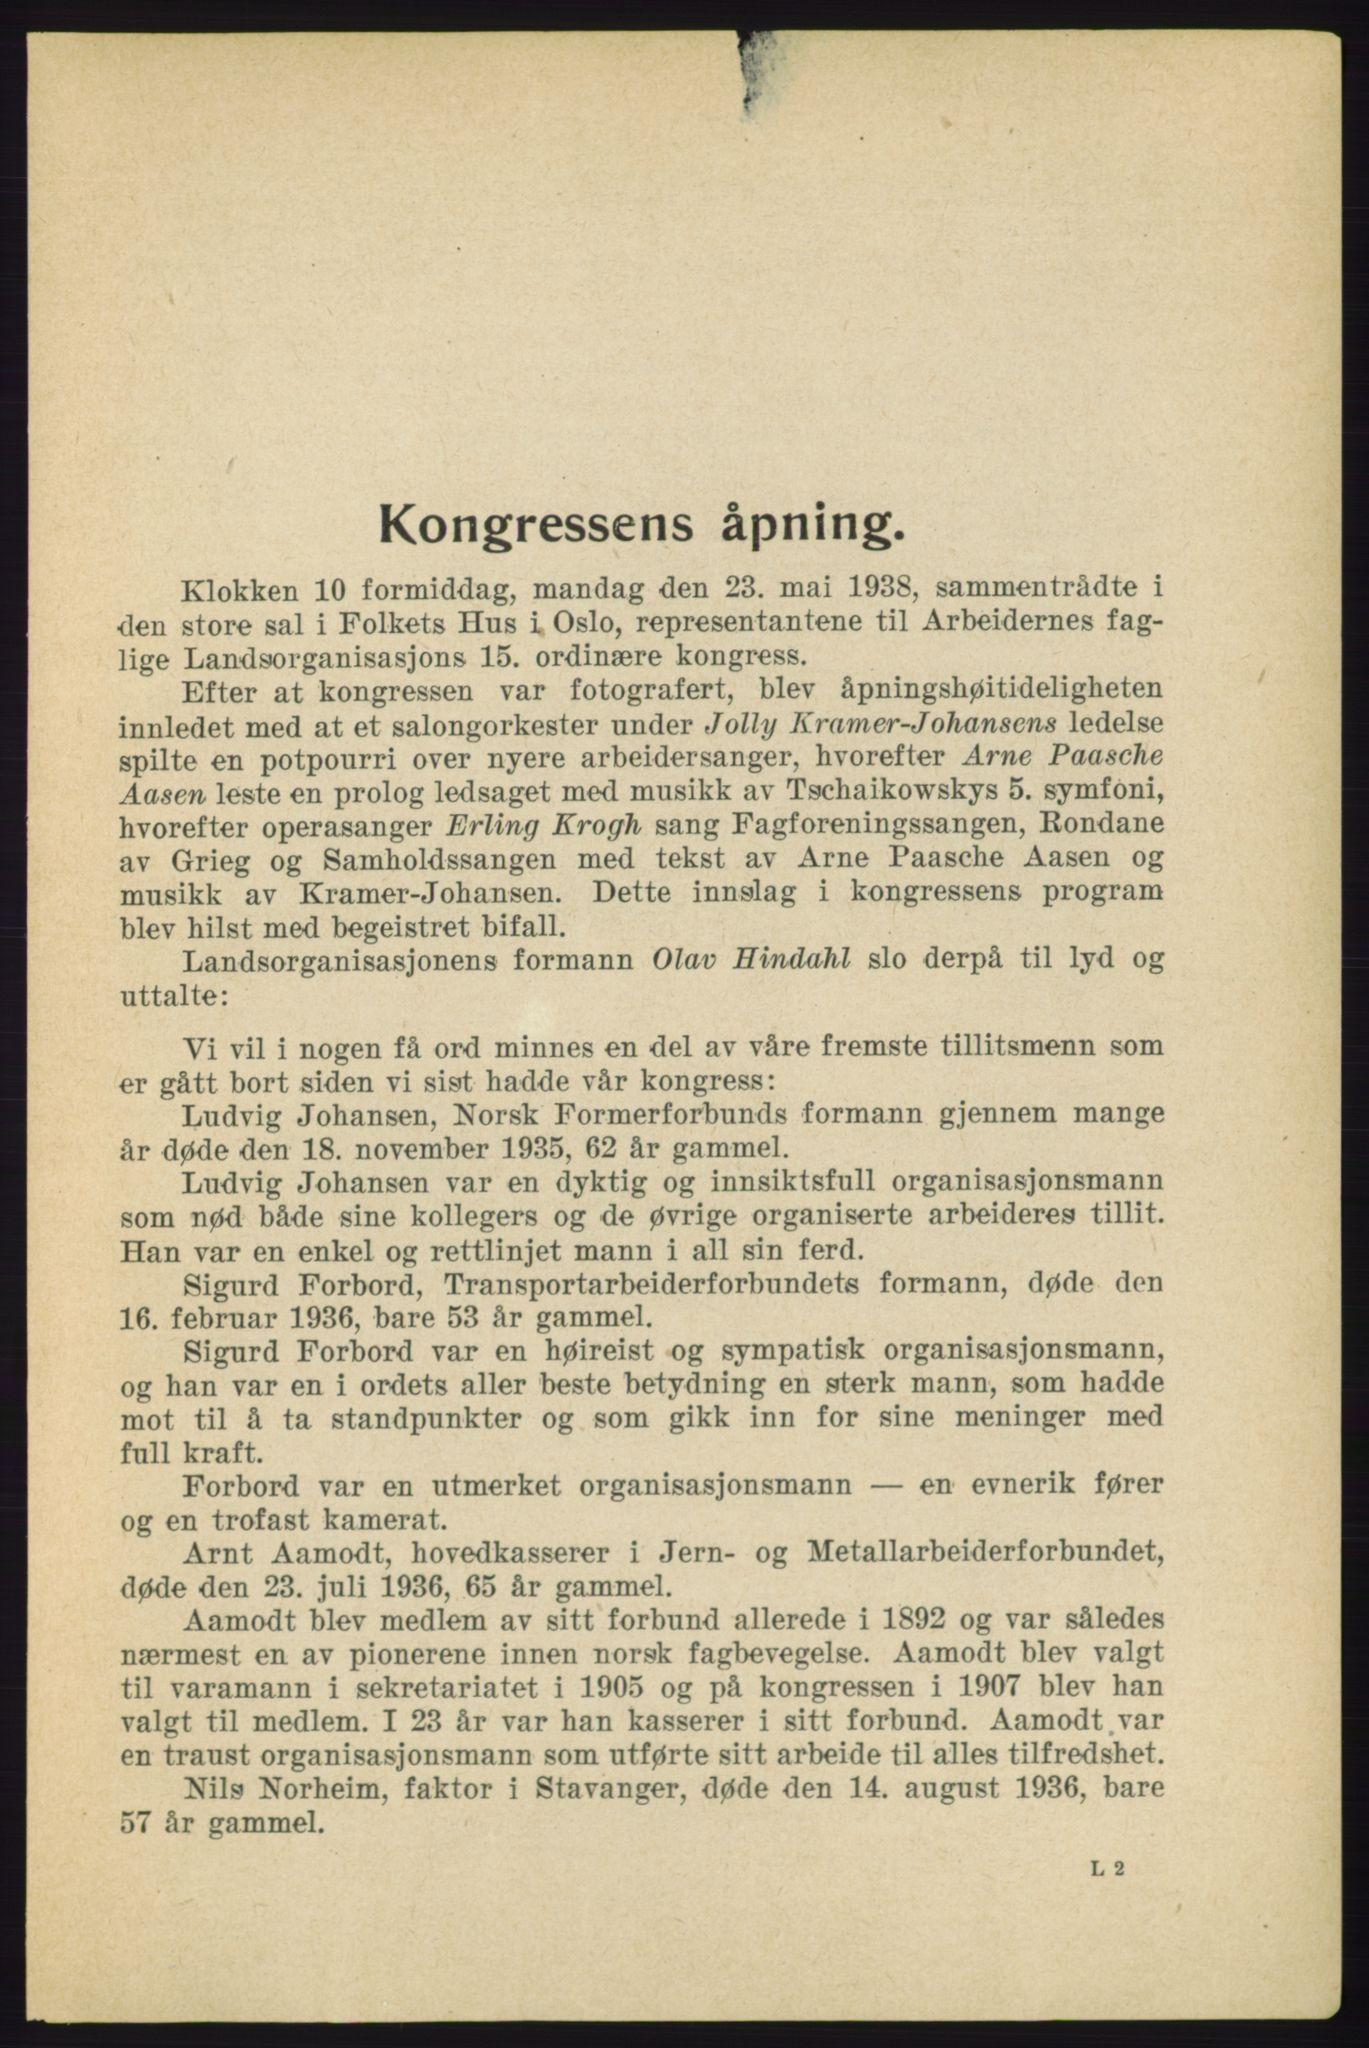 AAB, Landsorganisasjonen i Norge - publikasjoner, -/-: Protokoll for Kongressen 1938, 1938, s. 1